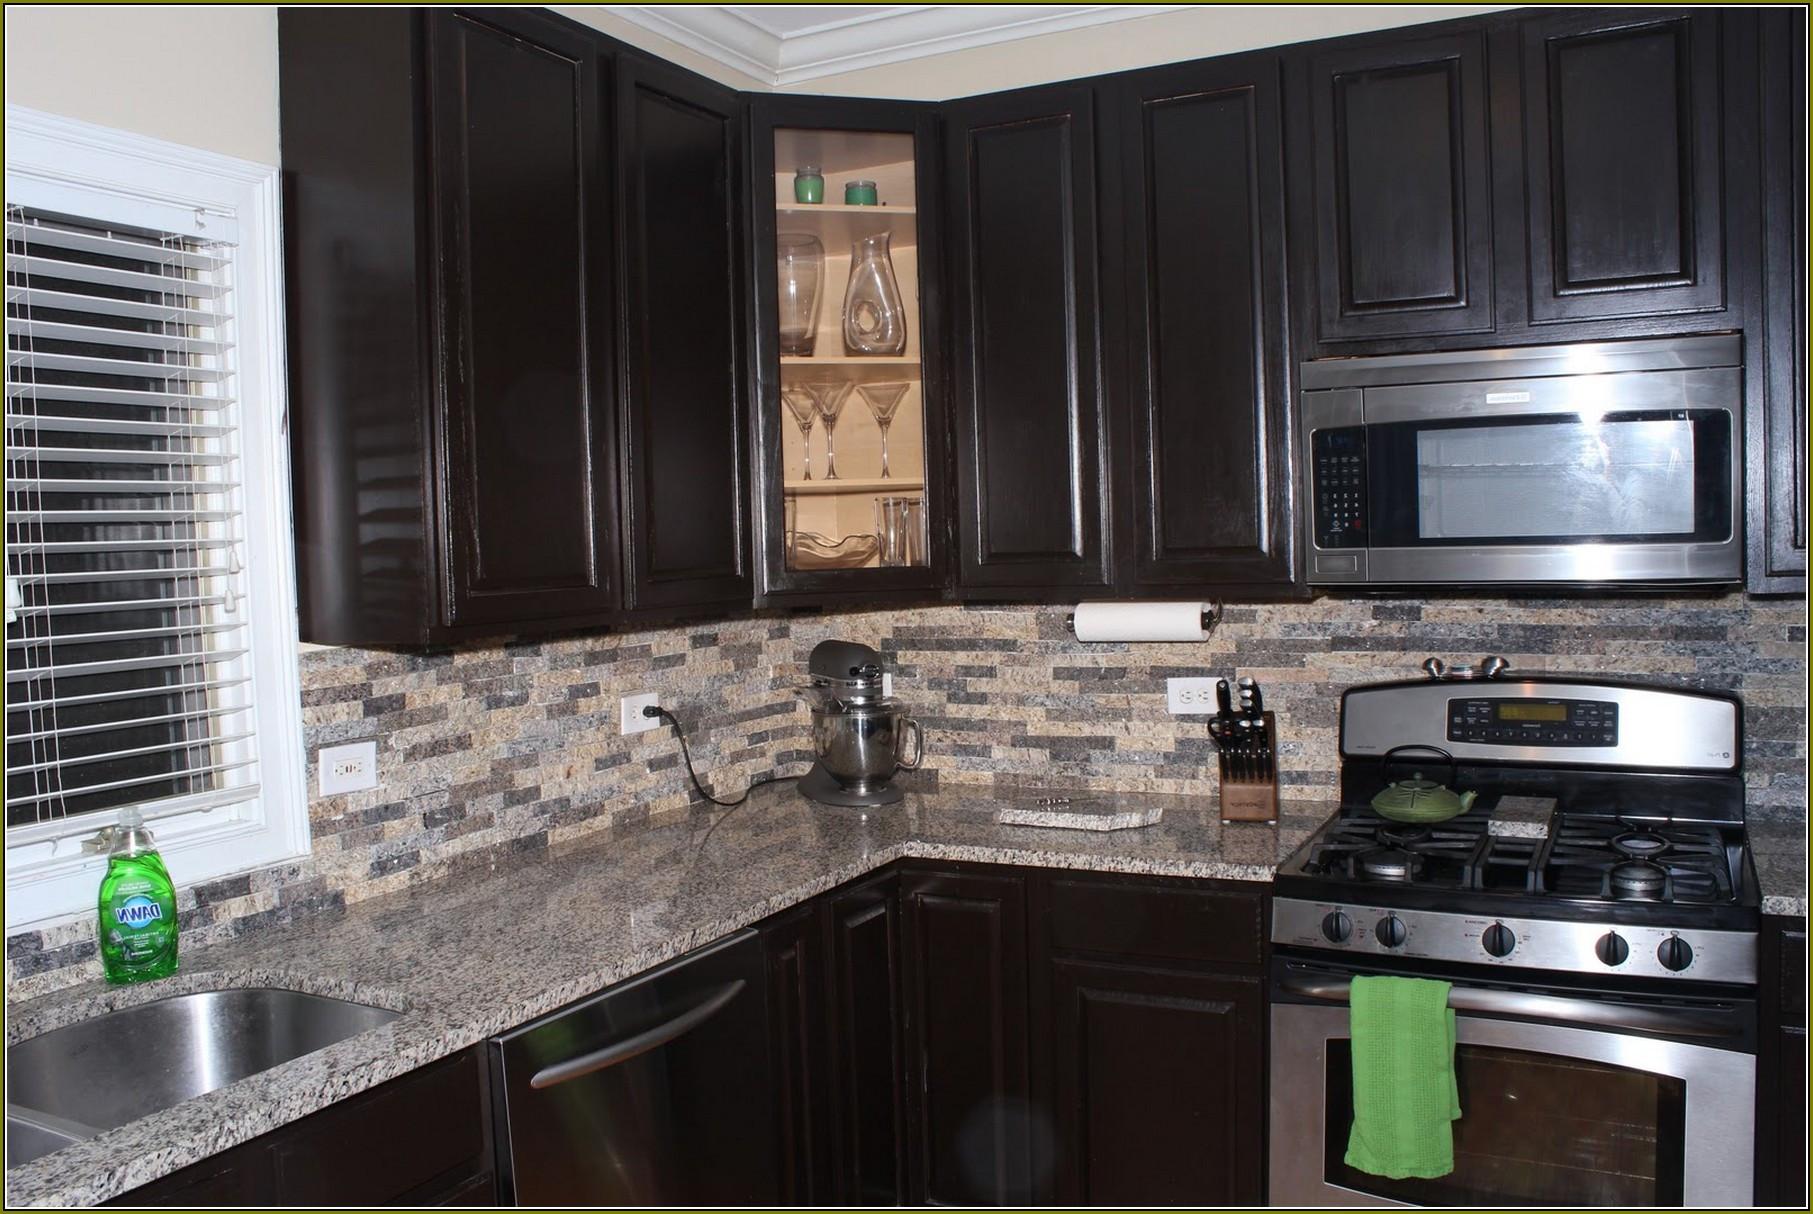 Best ideas about DIY Kitchen Cabinet Refinishing . Save or Pin Kitchen Cabinet Refinishing Diy – Wow Blog Now.